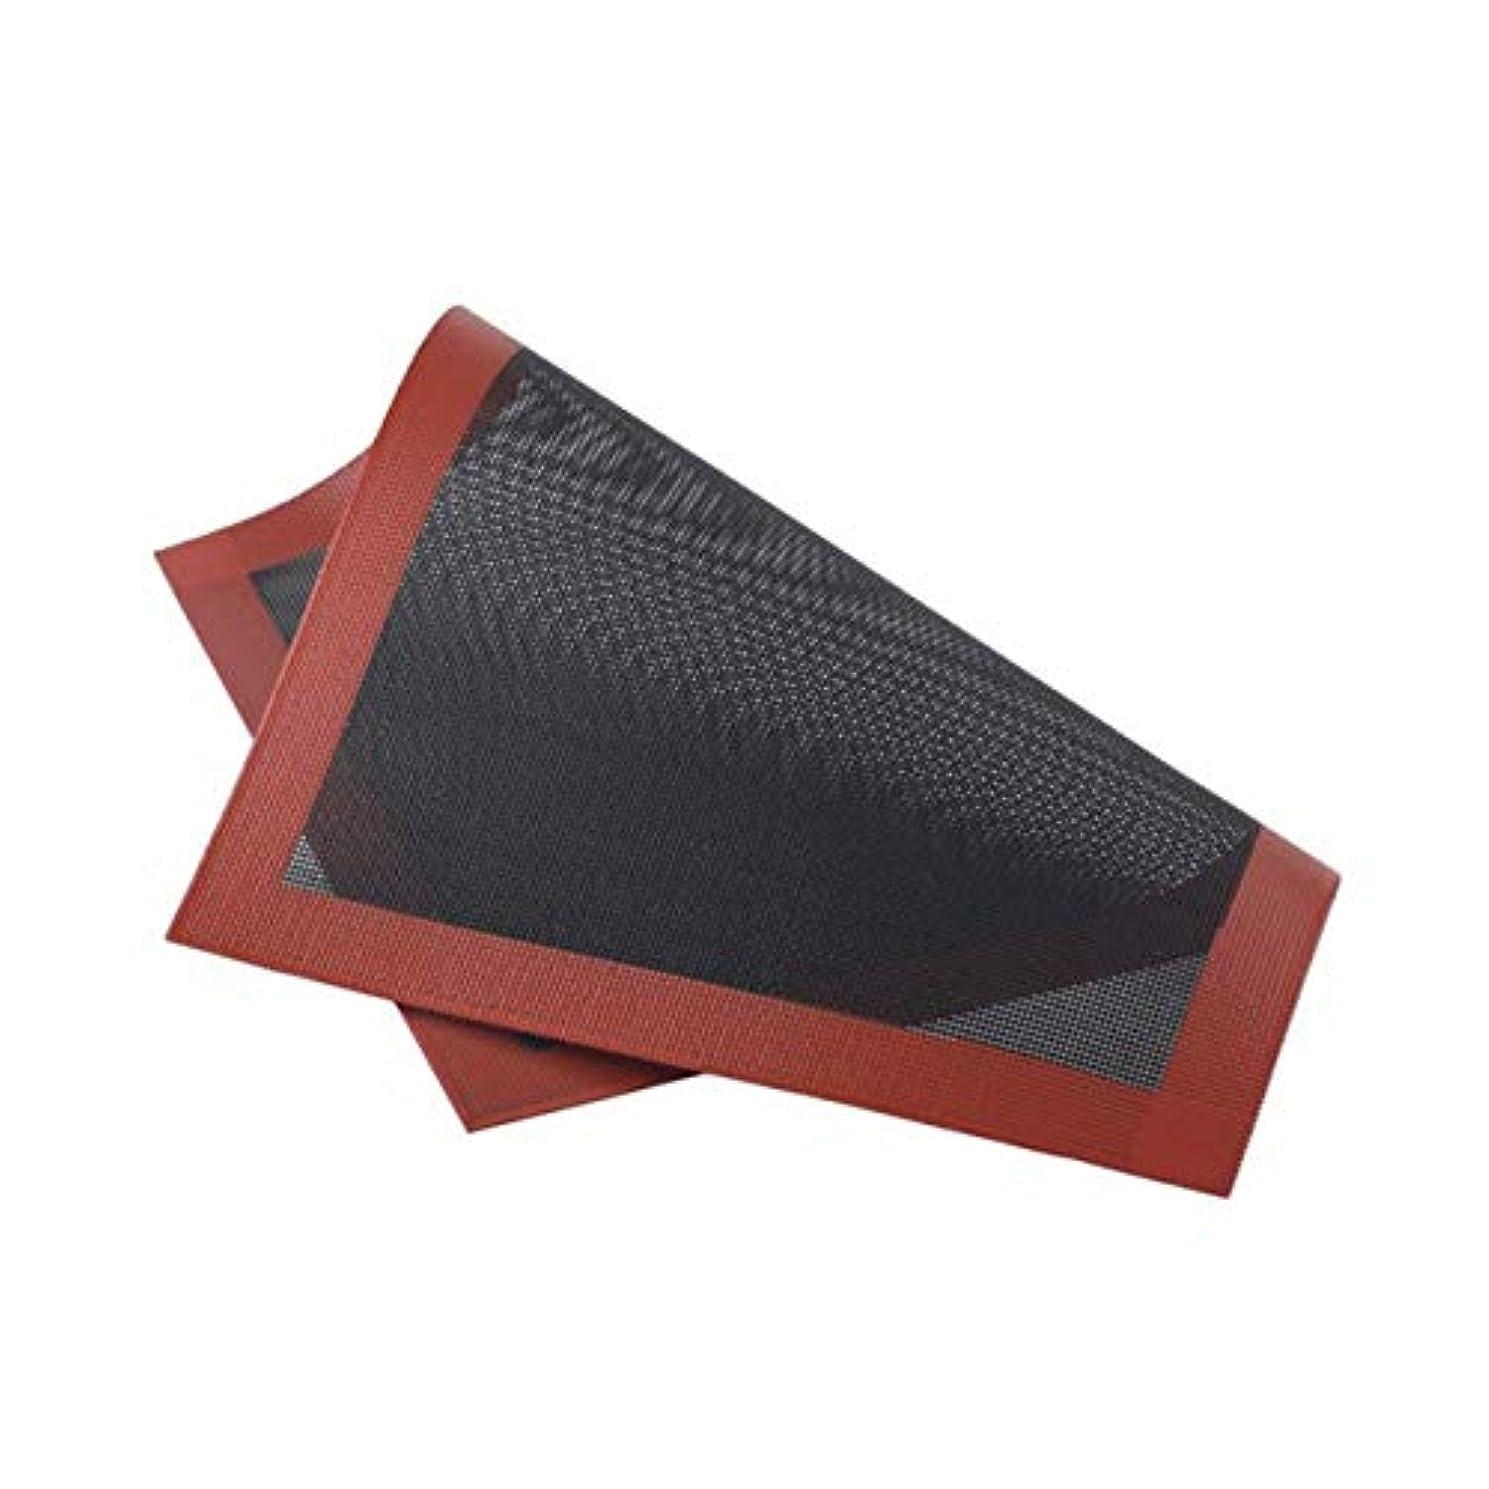 パトワナビゲーション試用Saikogoods クッキーパンビスケットのための実用的なデザインホームキッチンベーキングツールのシリコンベーキングマットノンスティックベーキングオーブンシートライナー 黒と赤 直角